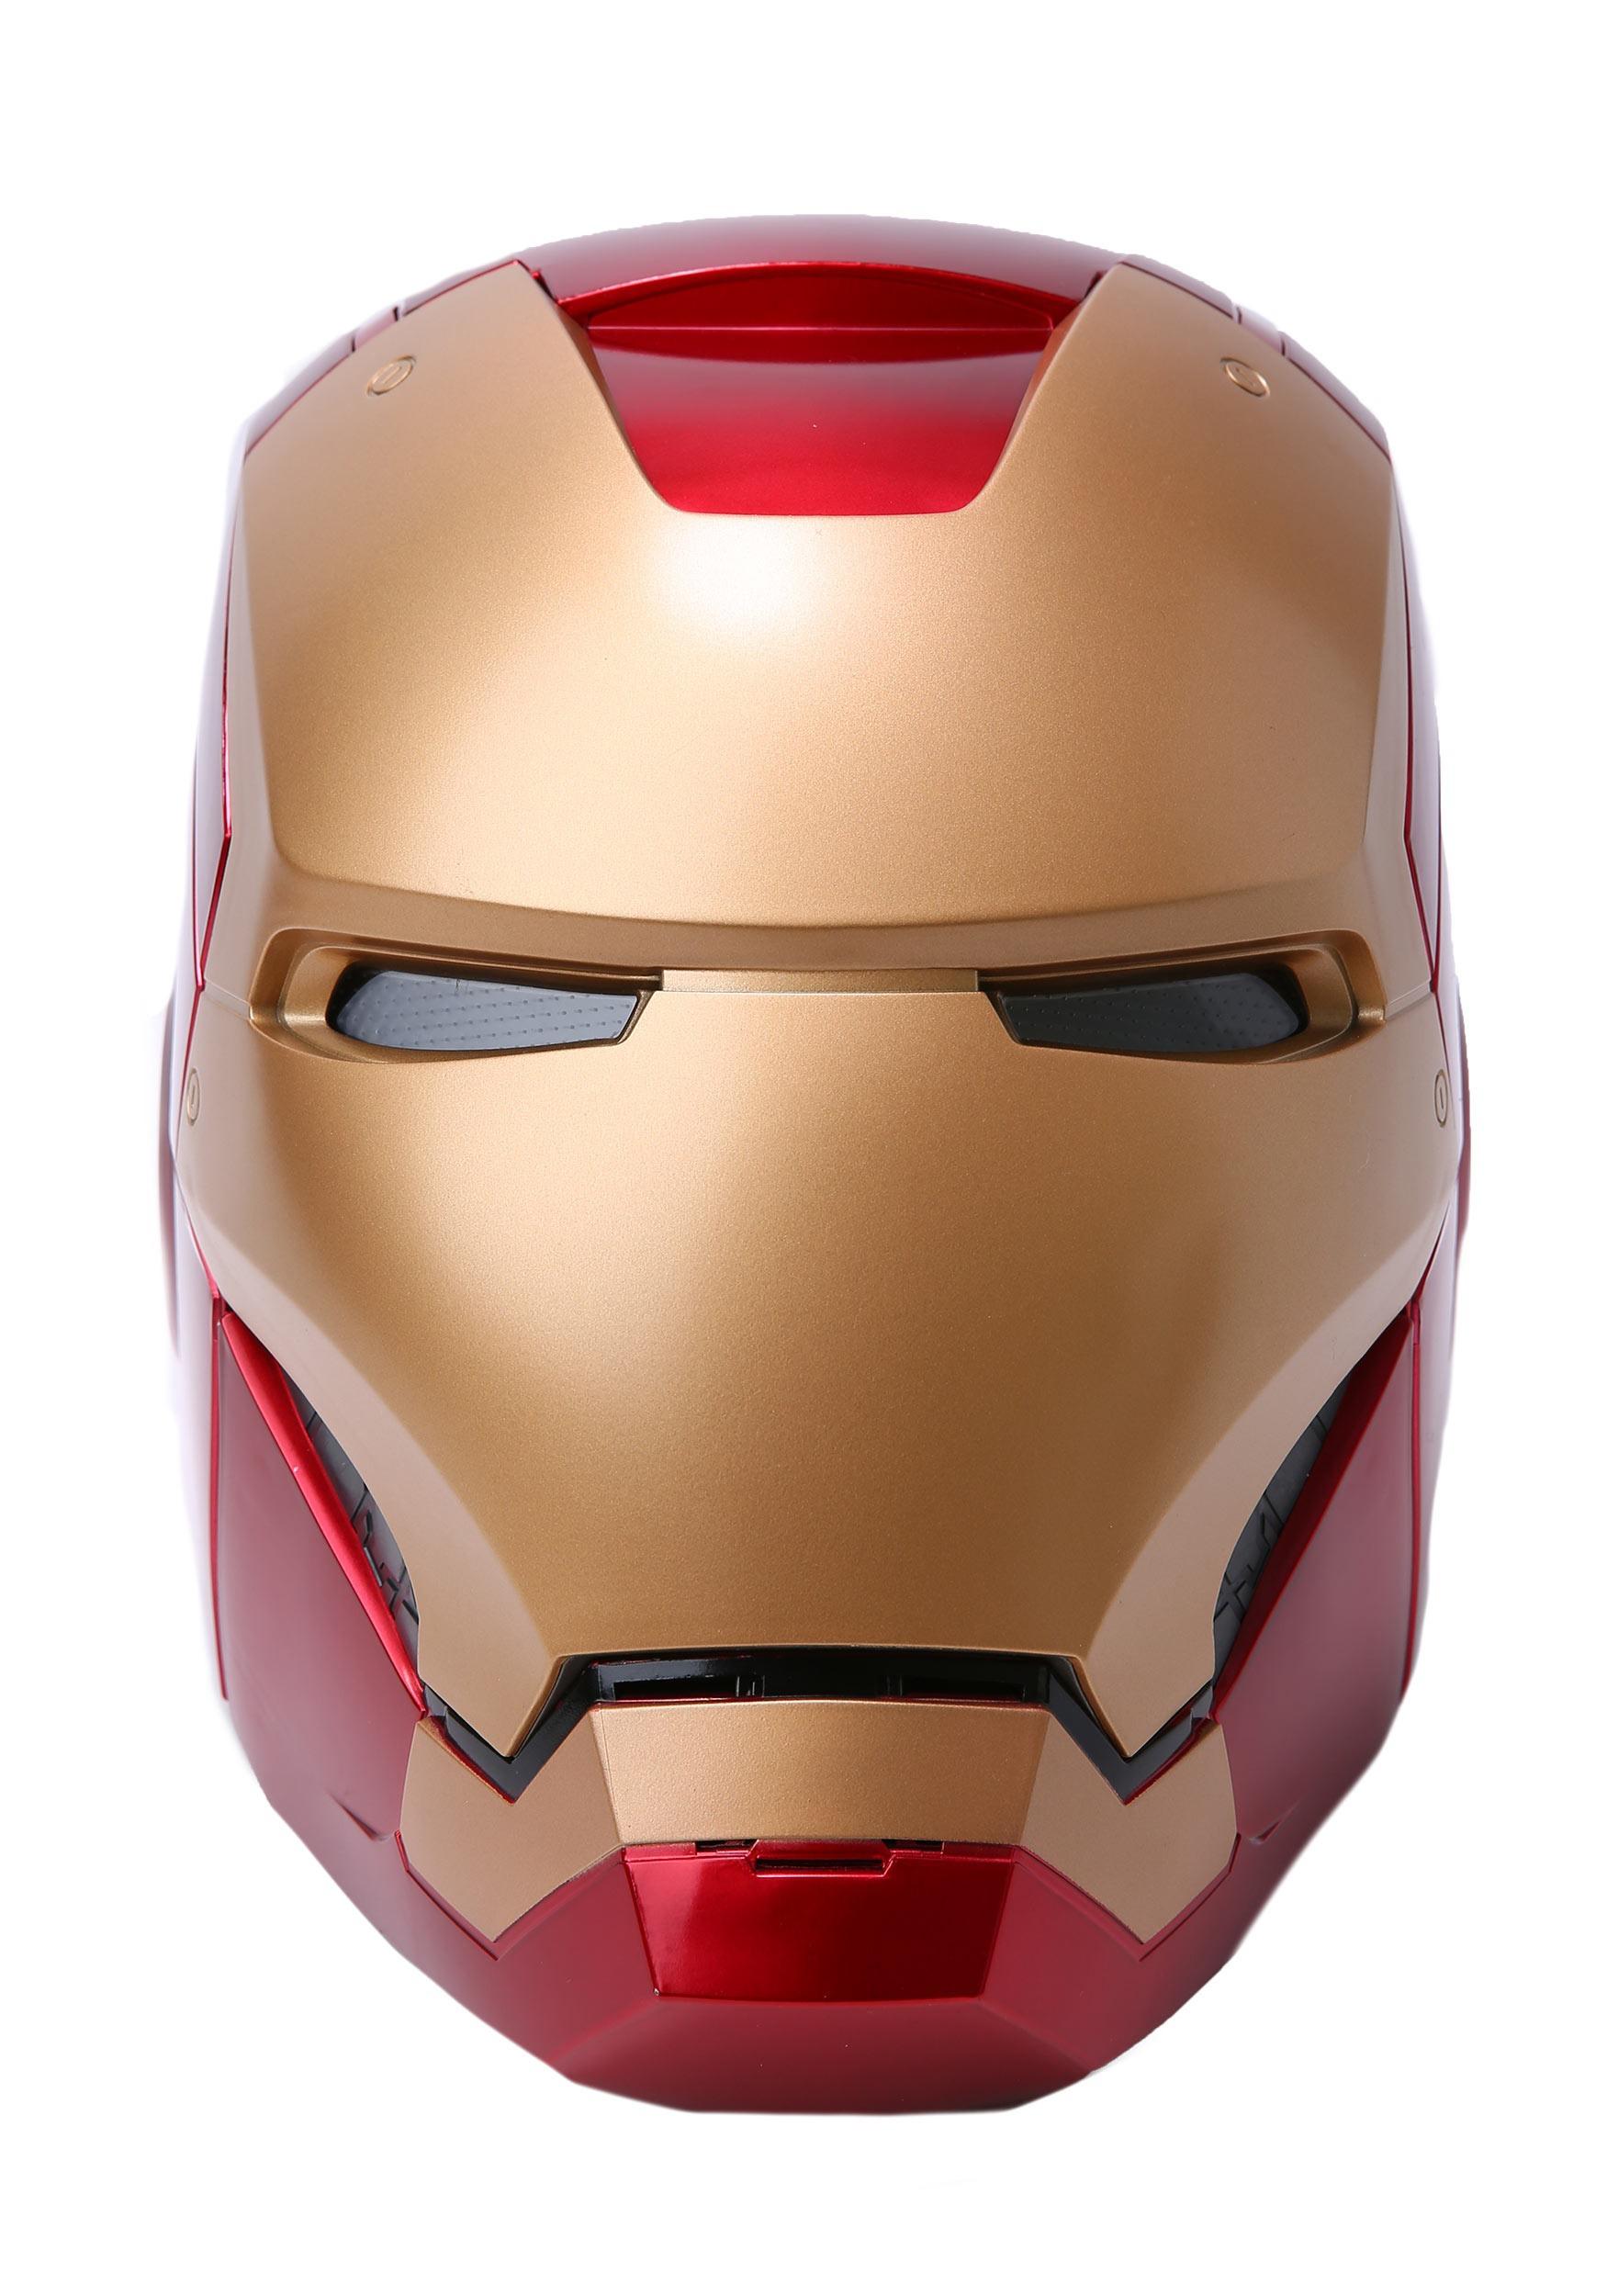 Marvel Legends Gear Iron Man Helmet Replica EEDHSB7435